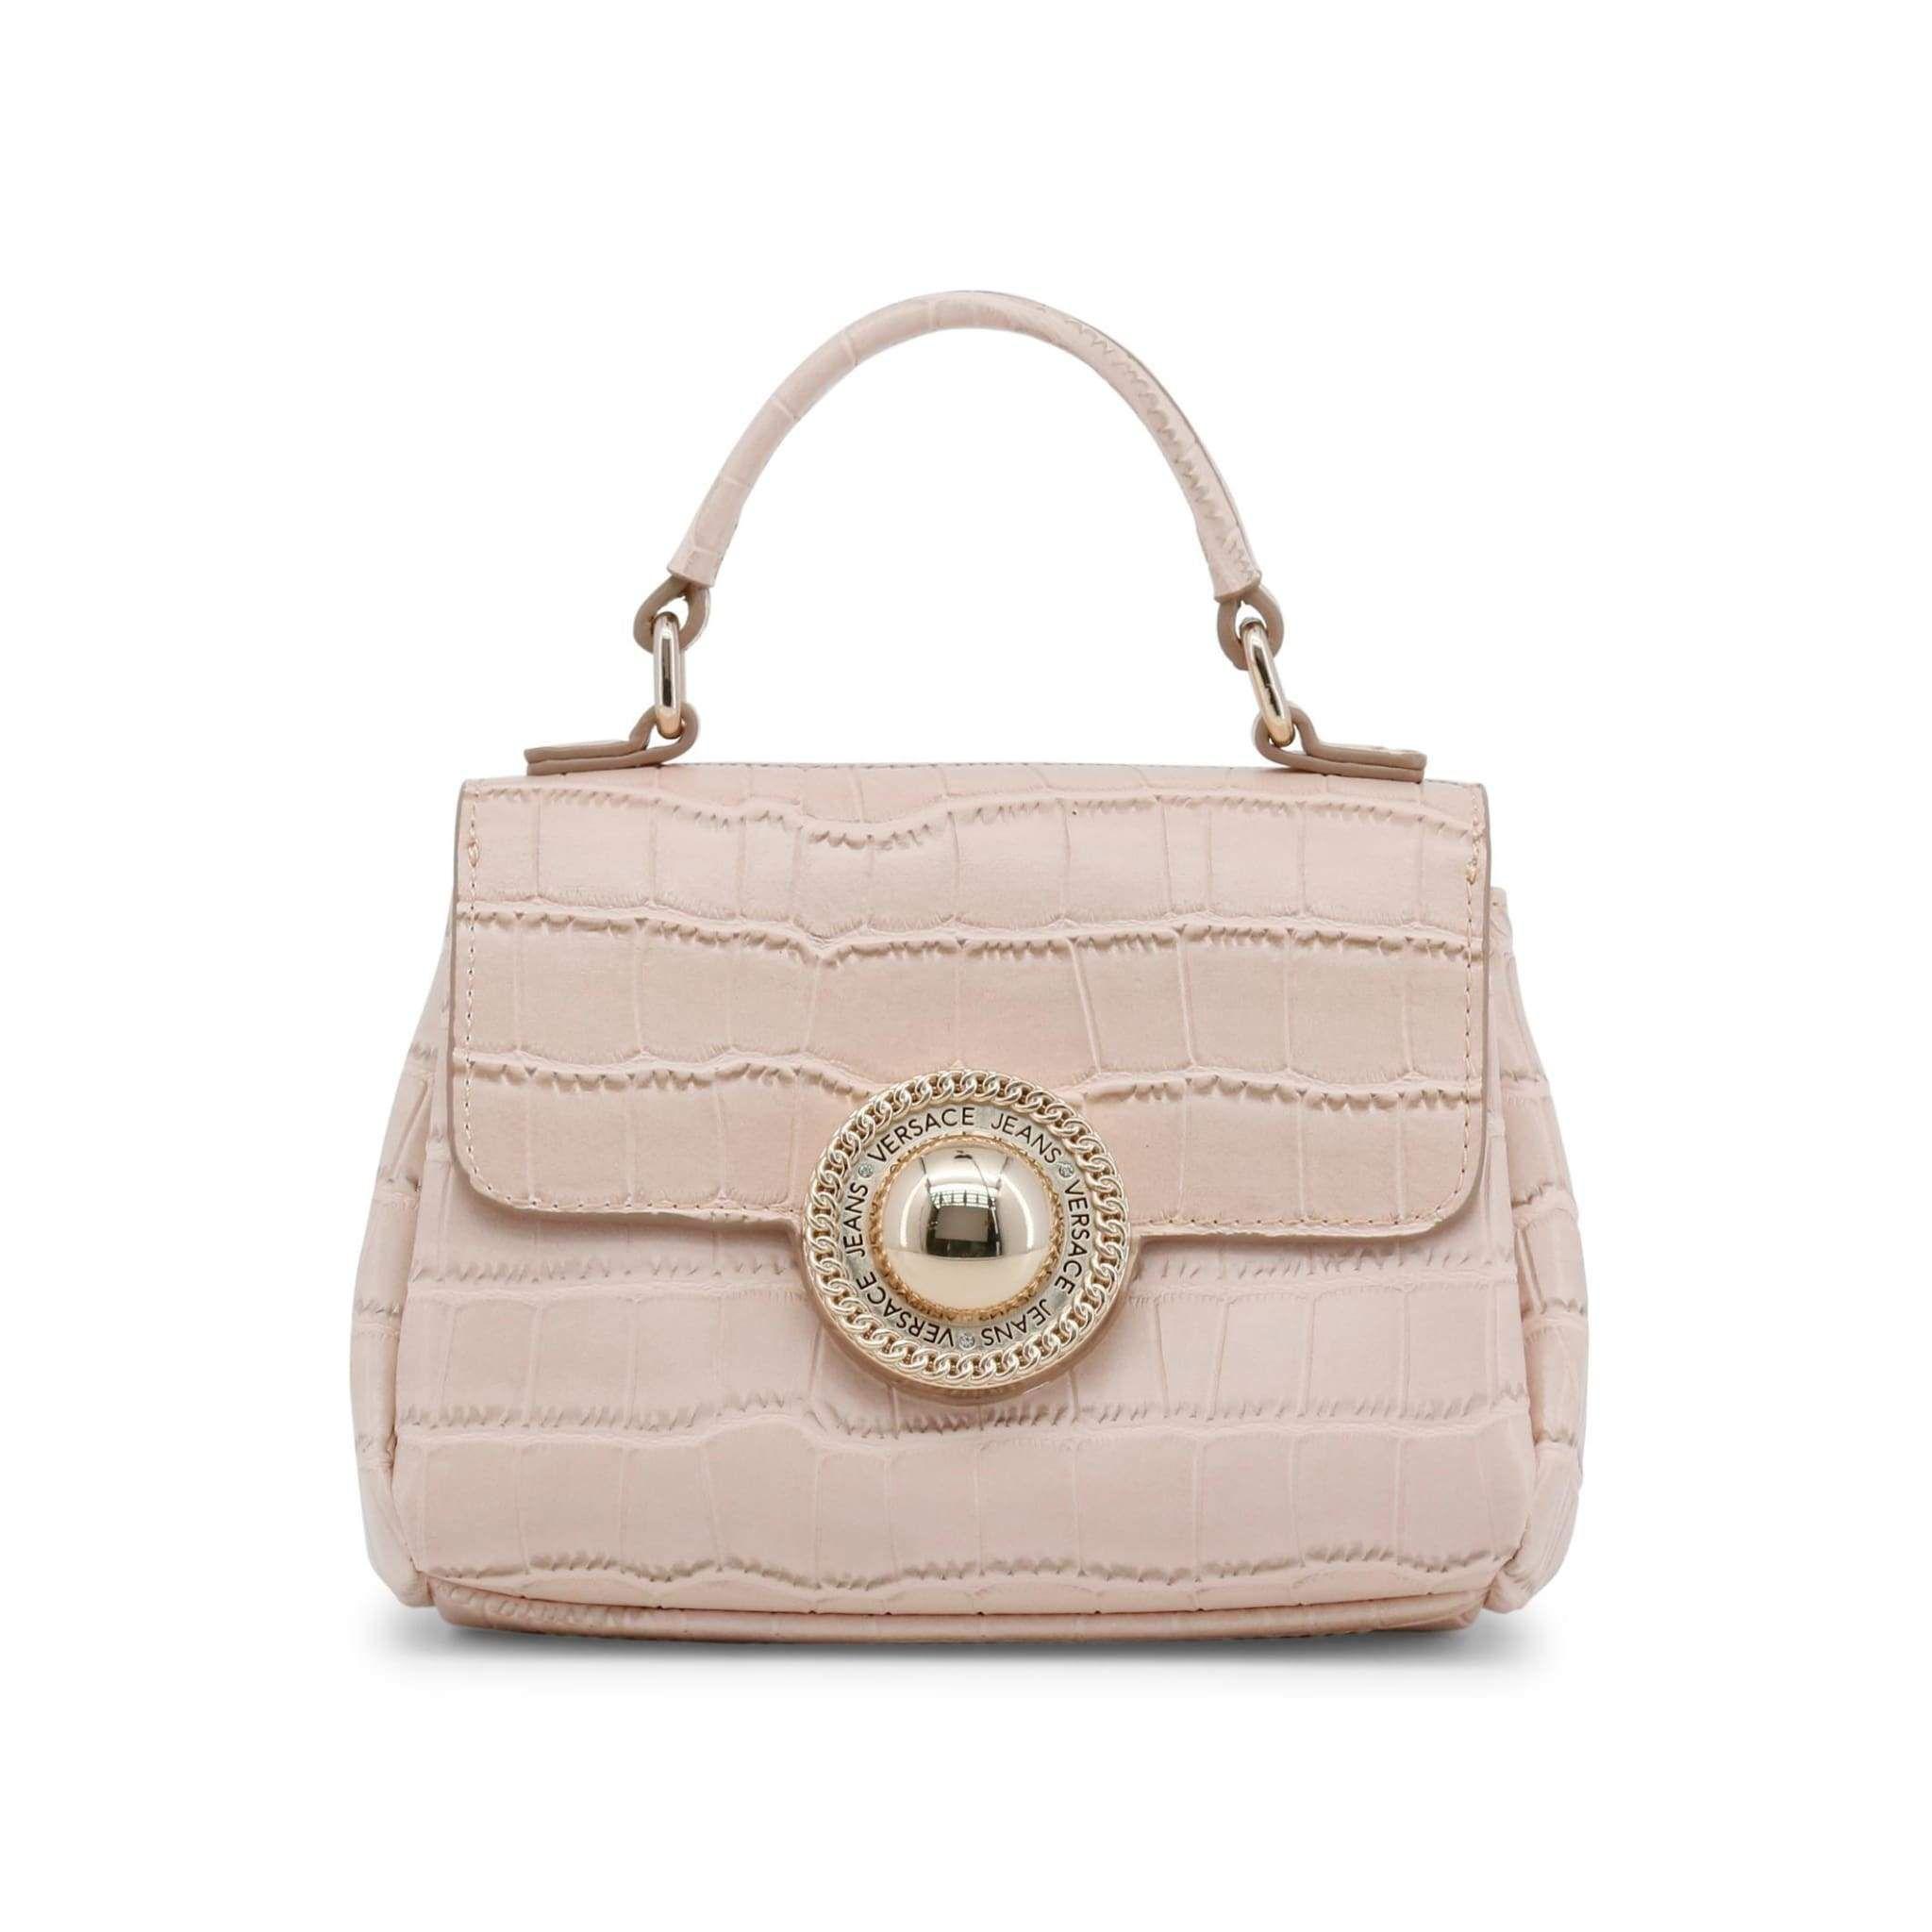 Versace Jeans Women Pink Handbags 101845e53b